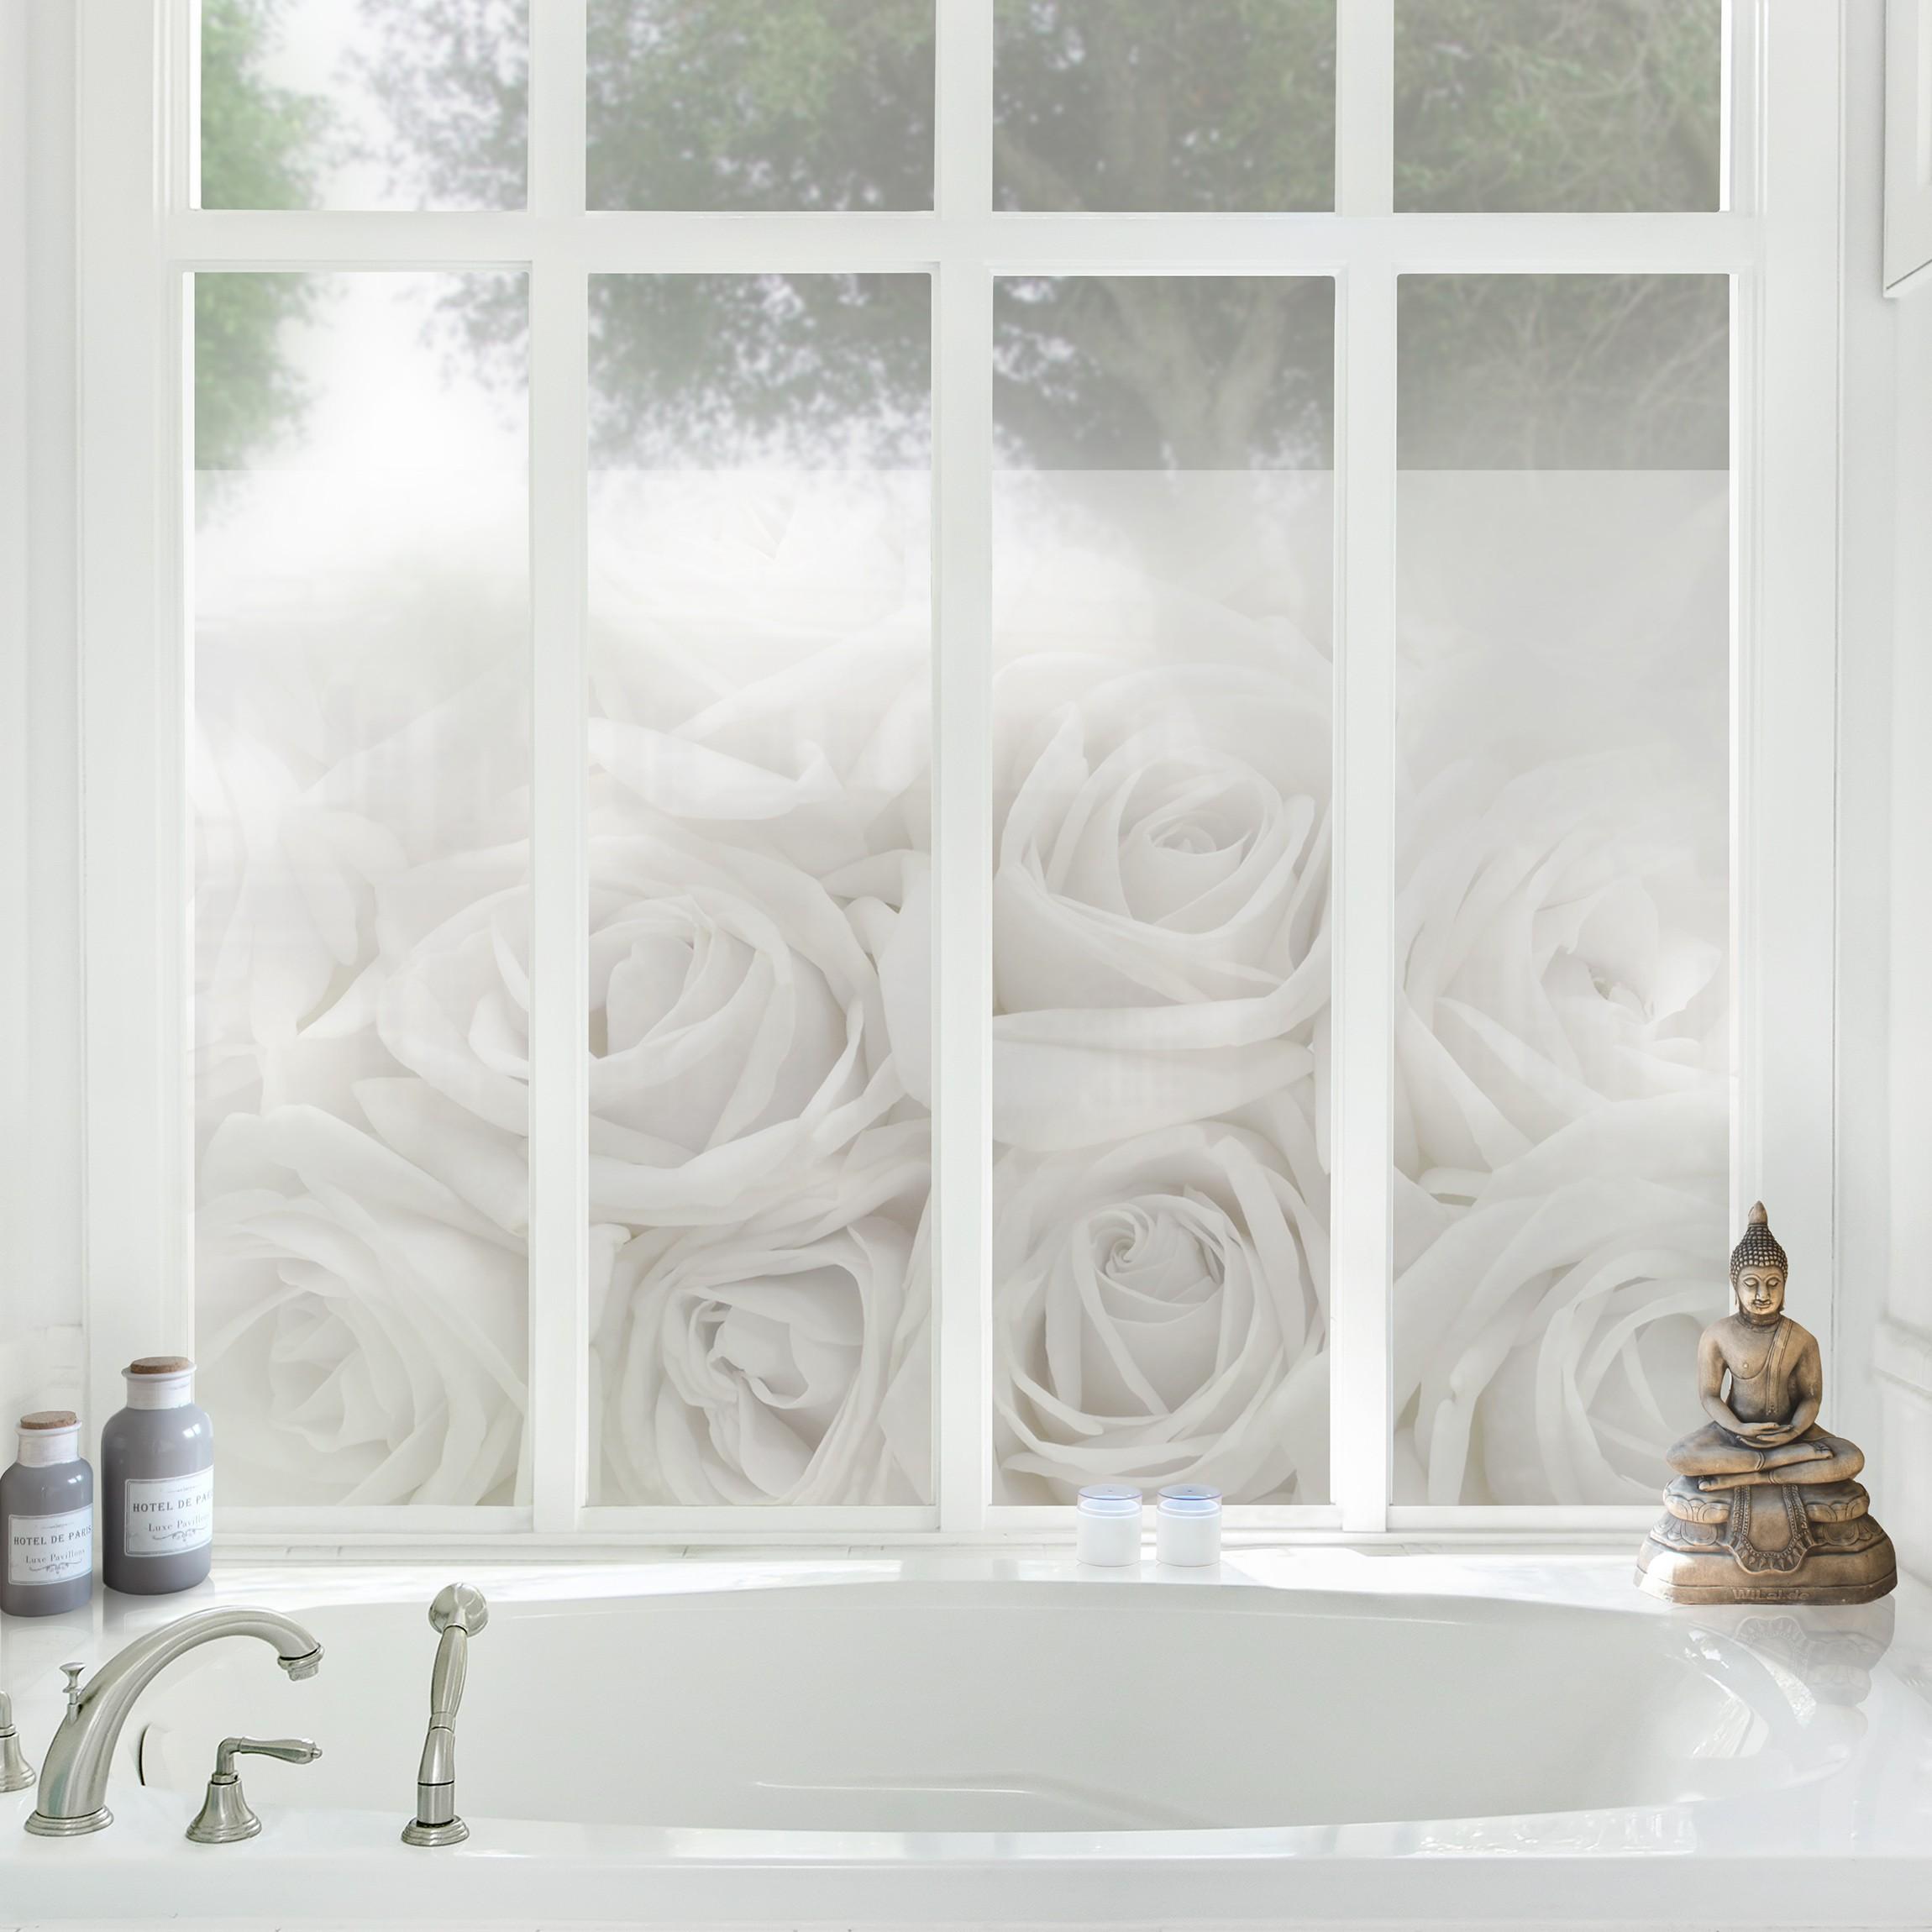 Fensterfolie sichtschutz fenster rosenhochzeit fensterbilder - Fensterfolie ikea ...